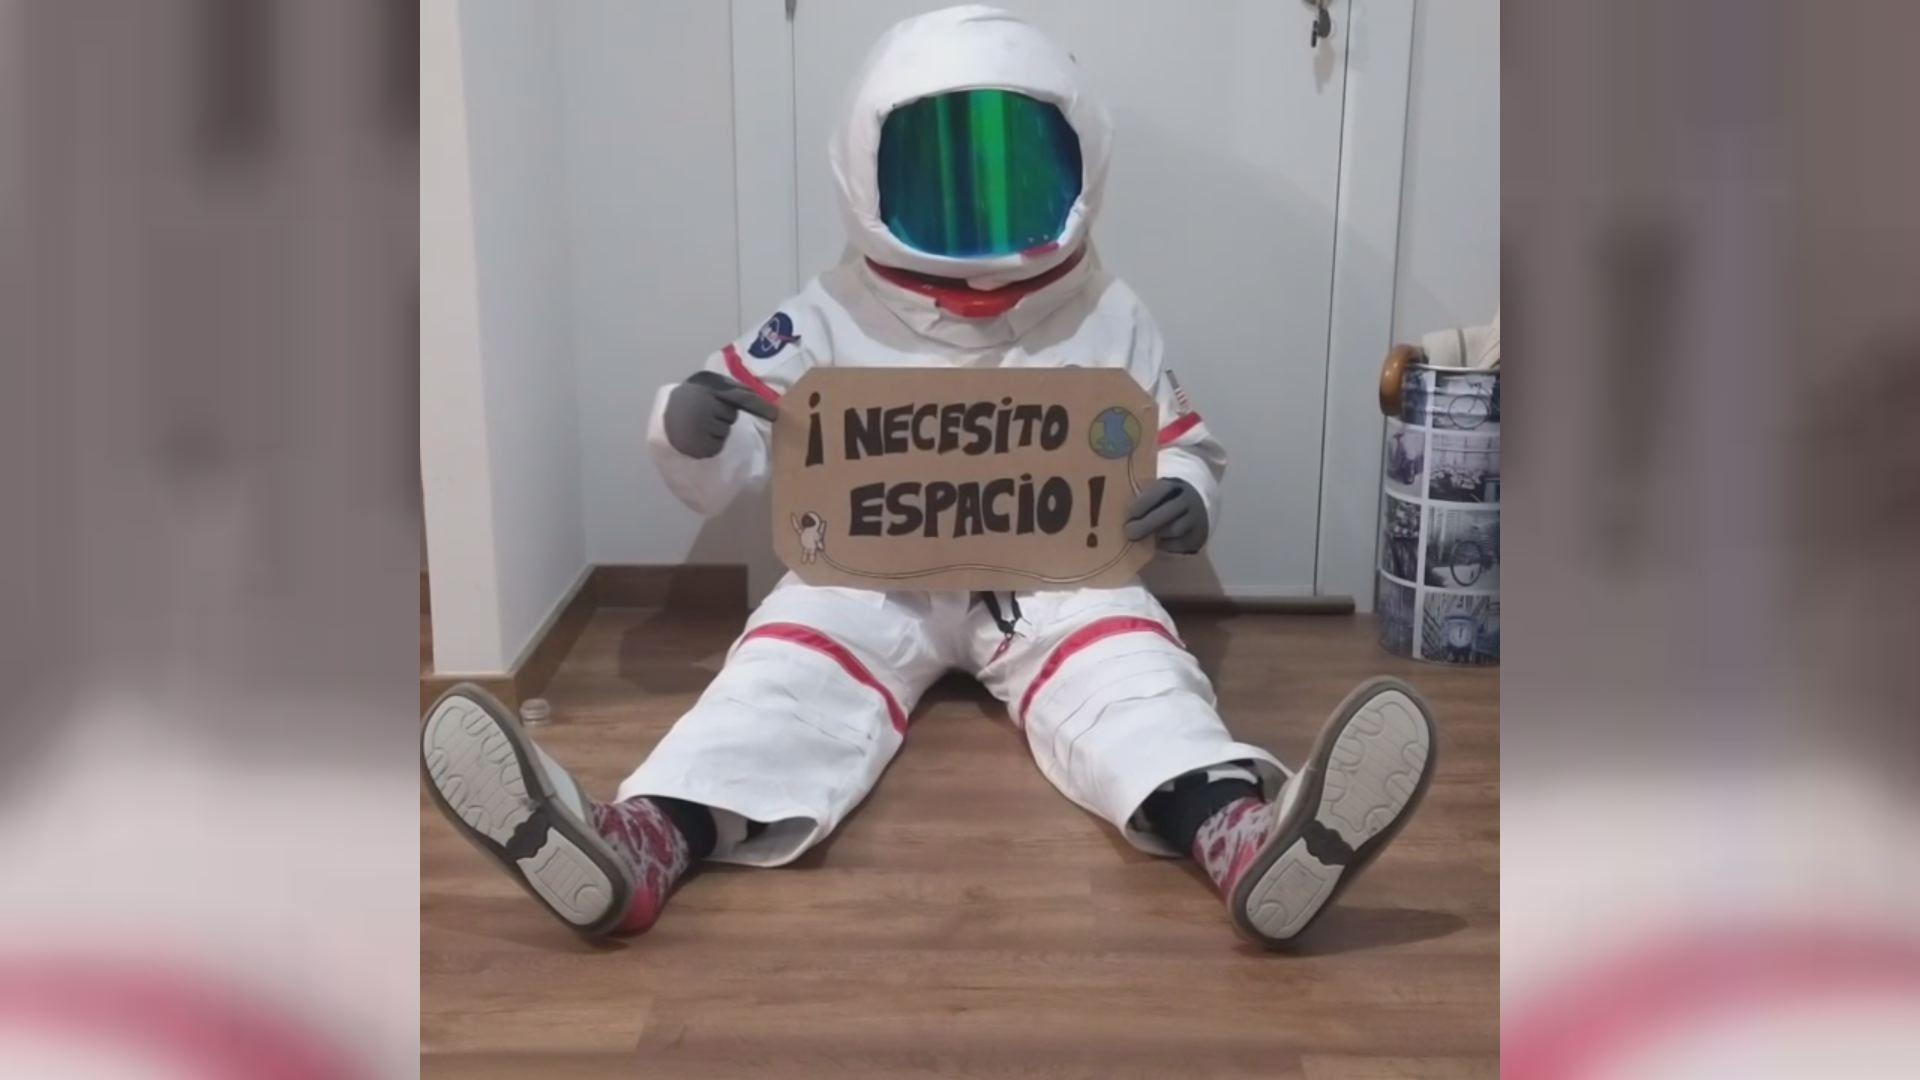 «Necesito espacio»